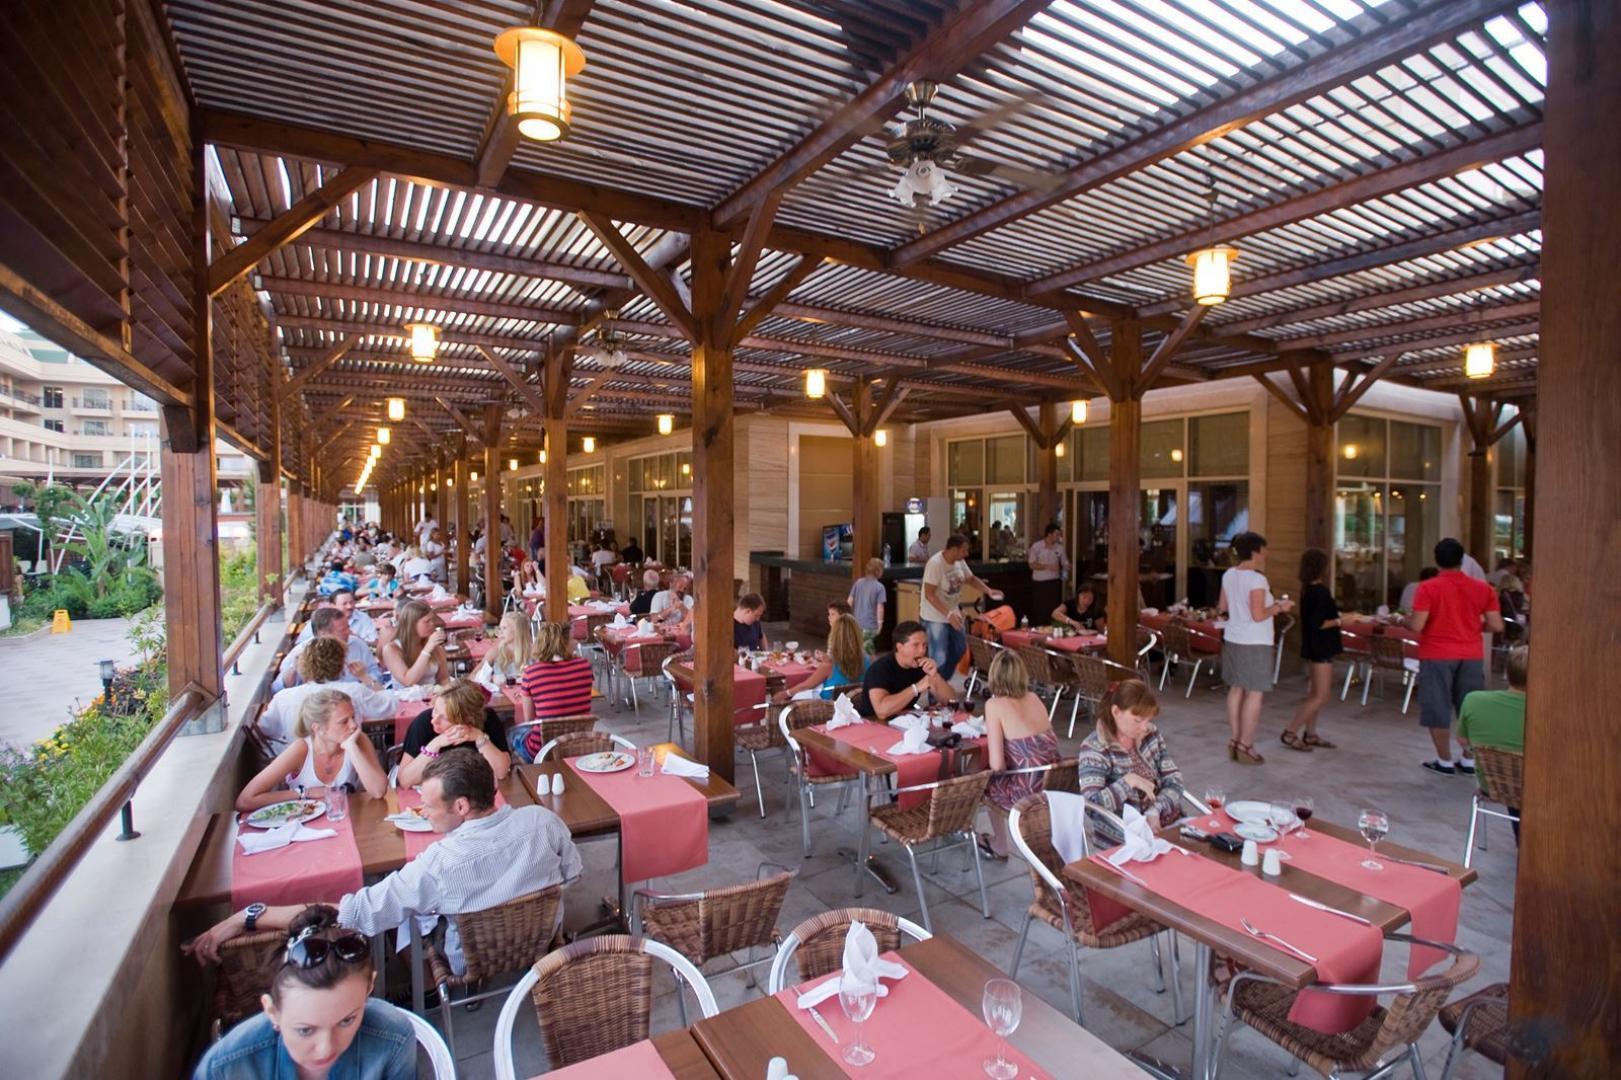 bd9eaf0eeb7 Crystal Deluxe Resort